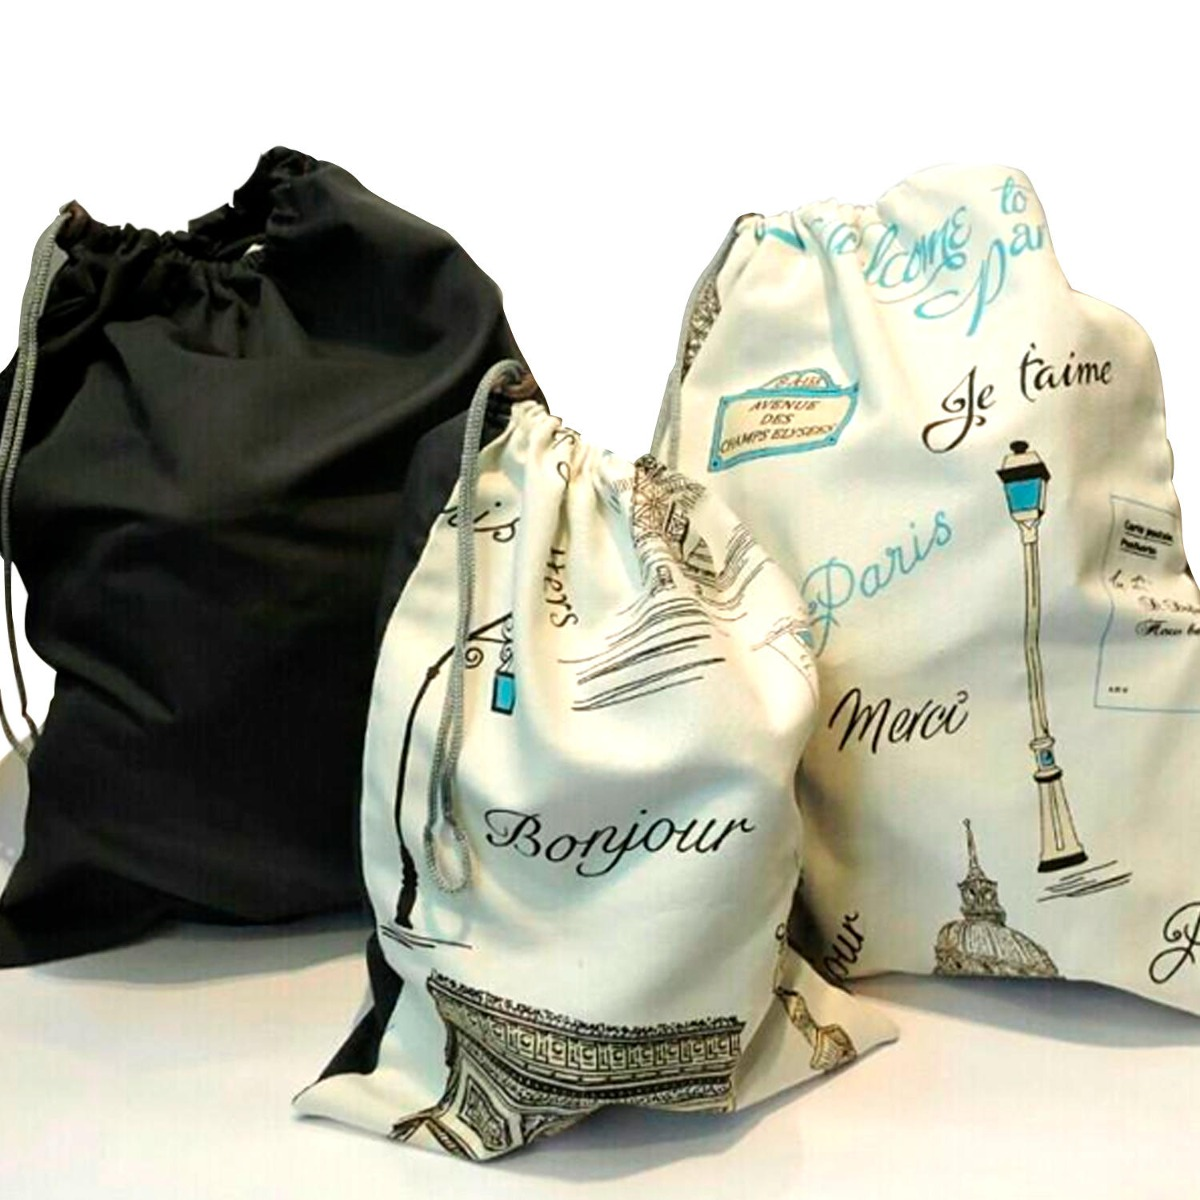 a1c766284 Pilgrim Travel Bag, Pack 3 Un- Diseño Paris - $ 20.490 en Mercado Libre